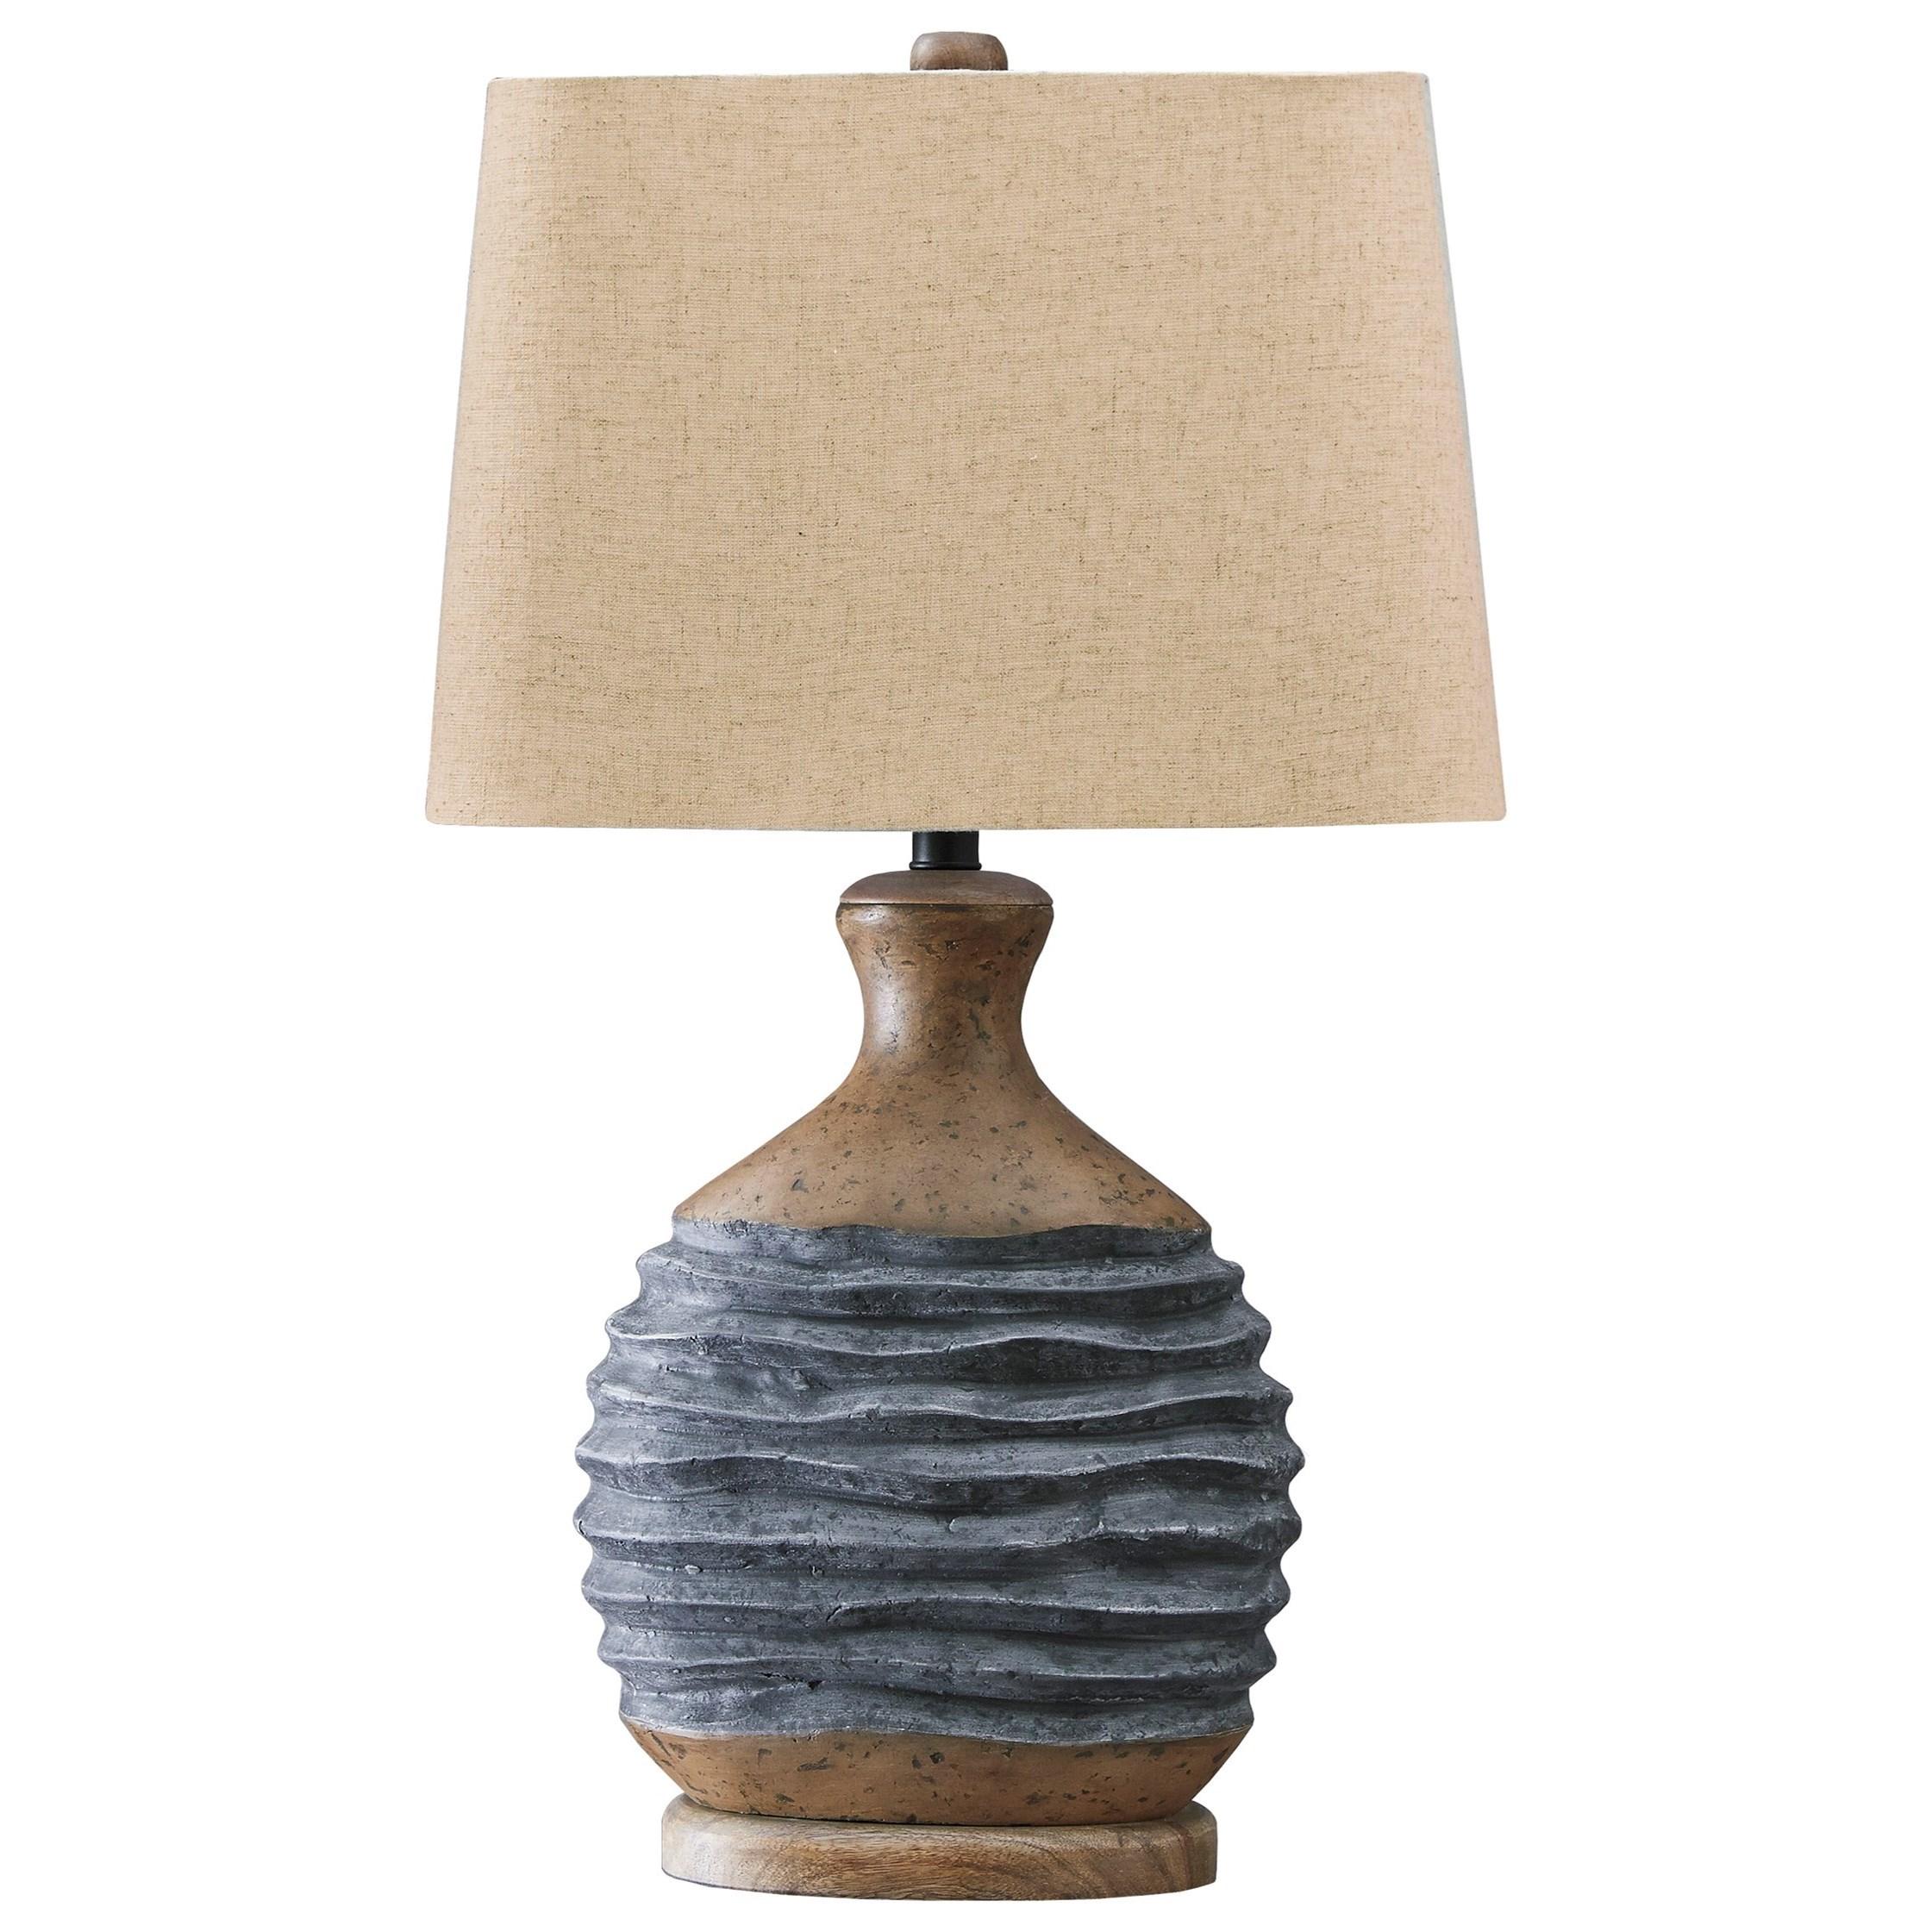 Medlin Gray/Beige Paper Table Lamp